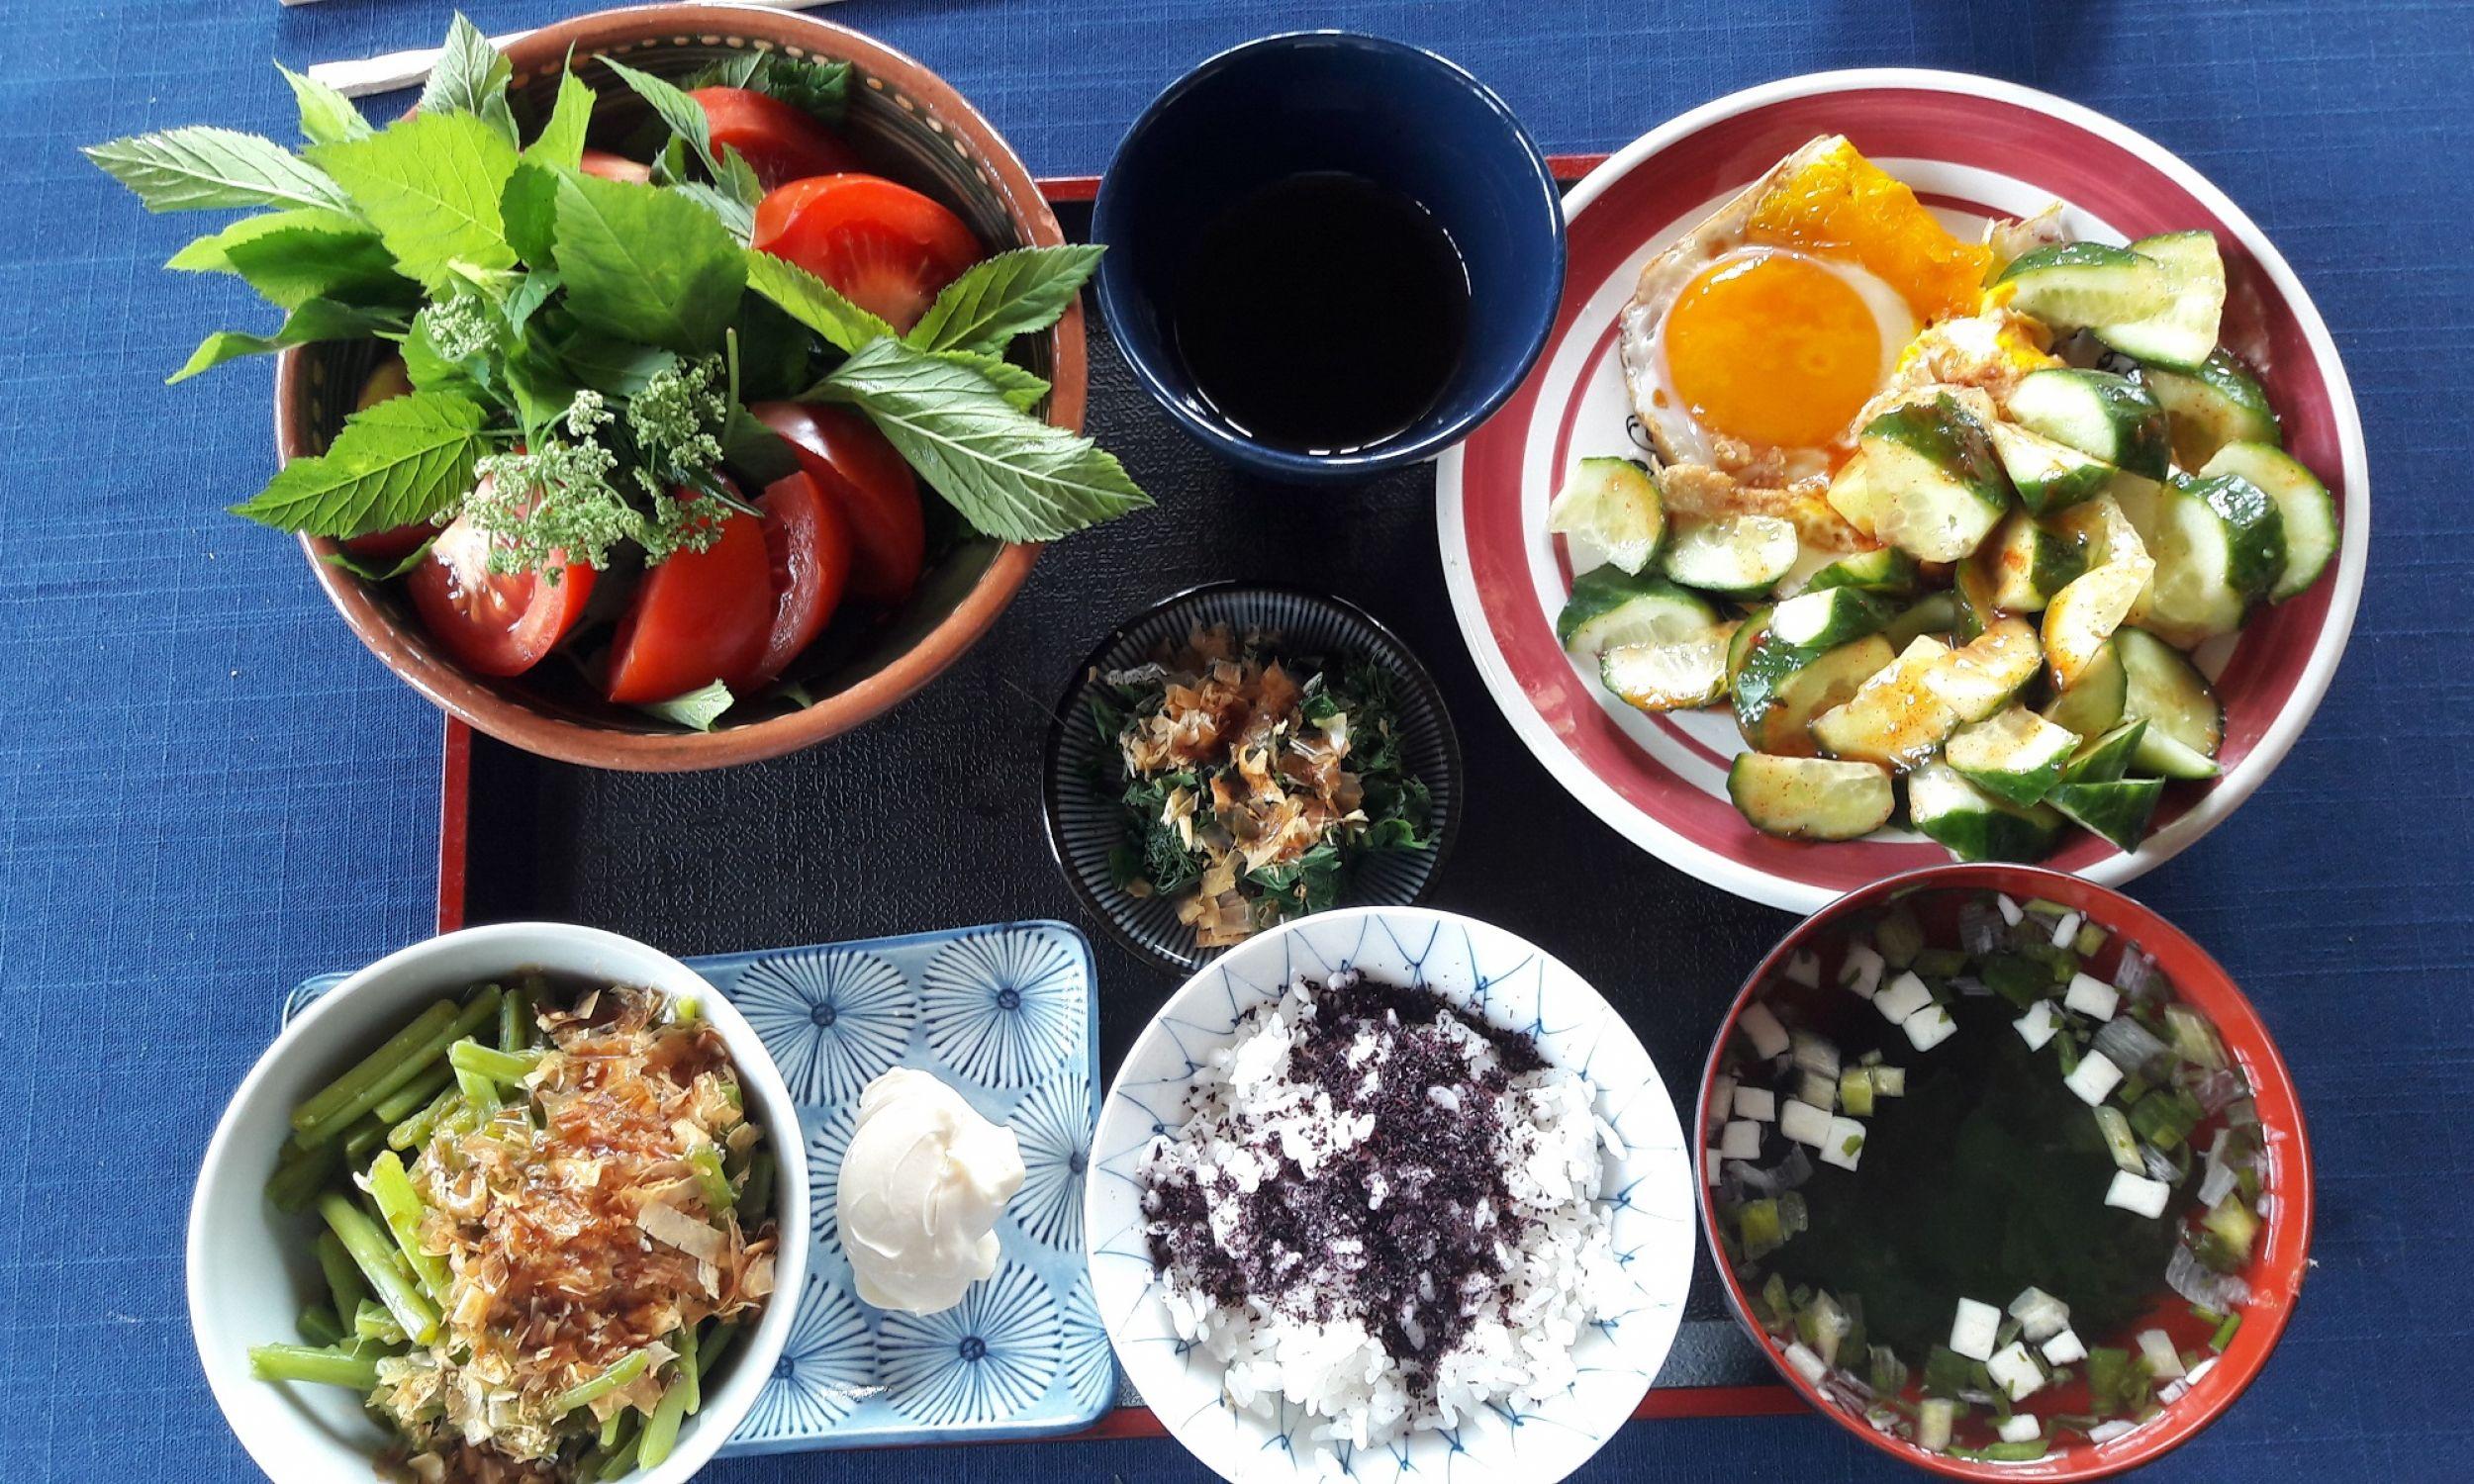 Lunch: sałata z chwastami, łodyga podbiału, ryż z suszoną japońską bazylią – shiso. Fot. Akiko Miwa